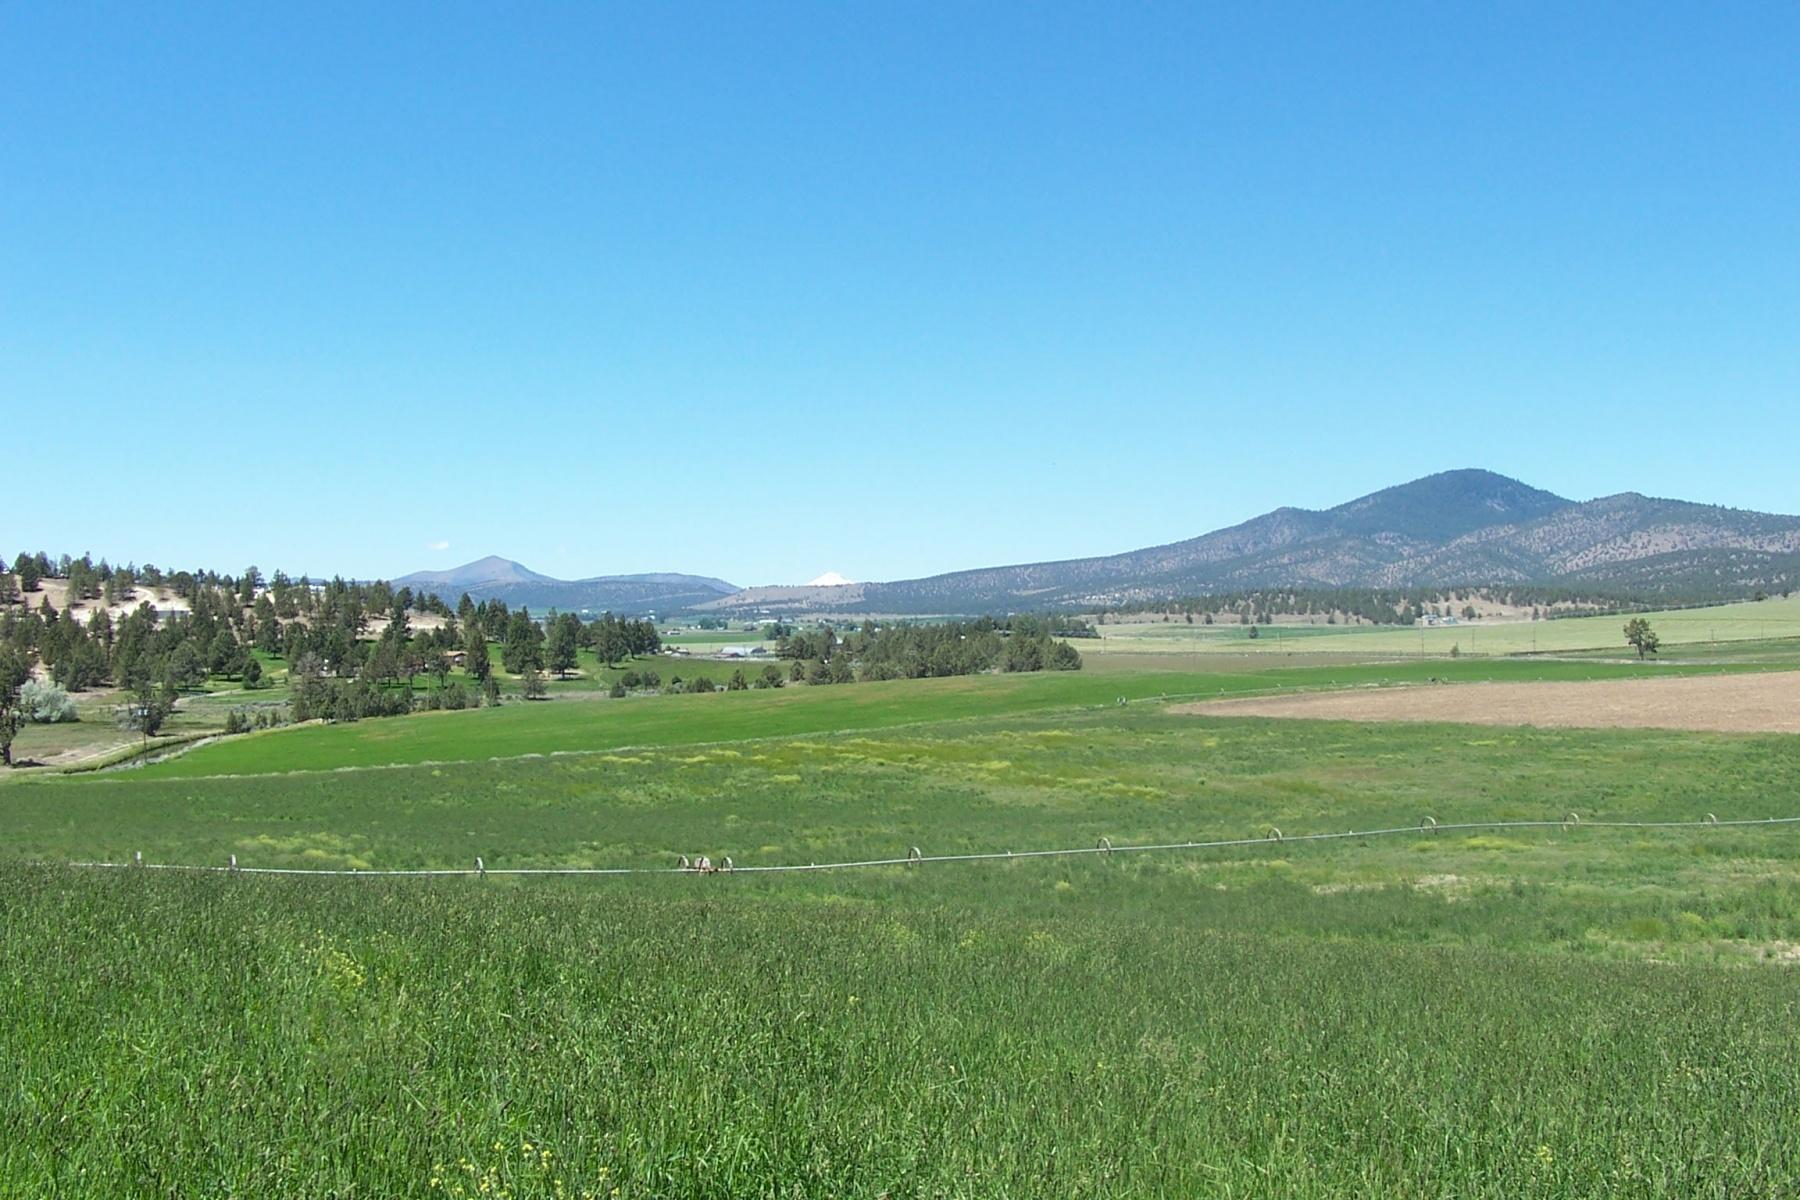 Fattoria / ranch / campagna per Vendita alle ore 900 NW Gerke Road, PRINEVILLE 900 NW Gerke Rd Prineville, Oregon, 97754 Stati Uniti